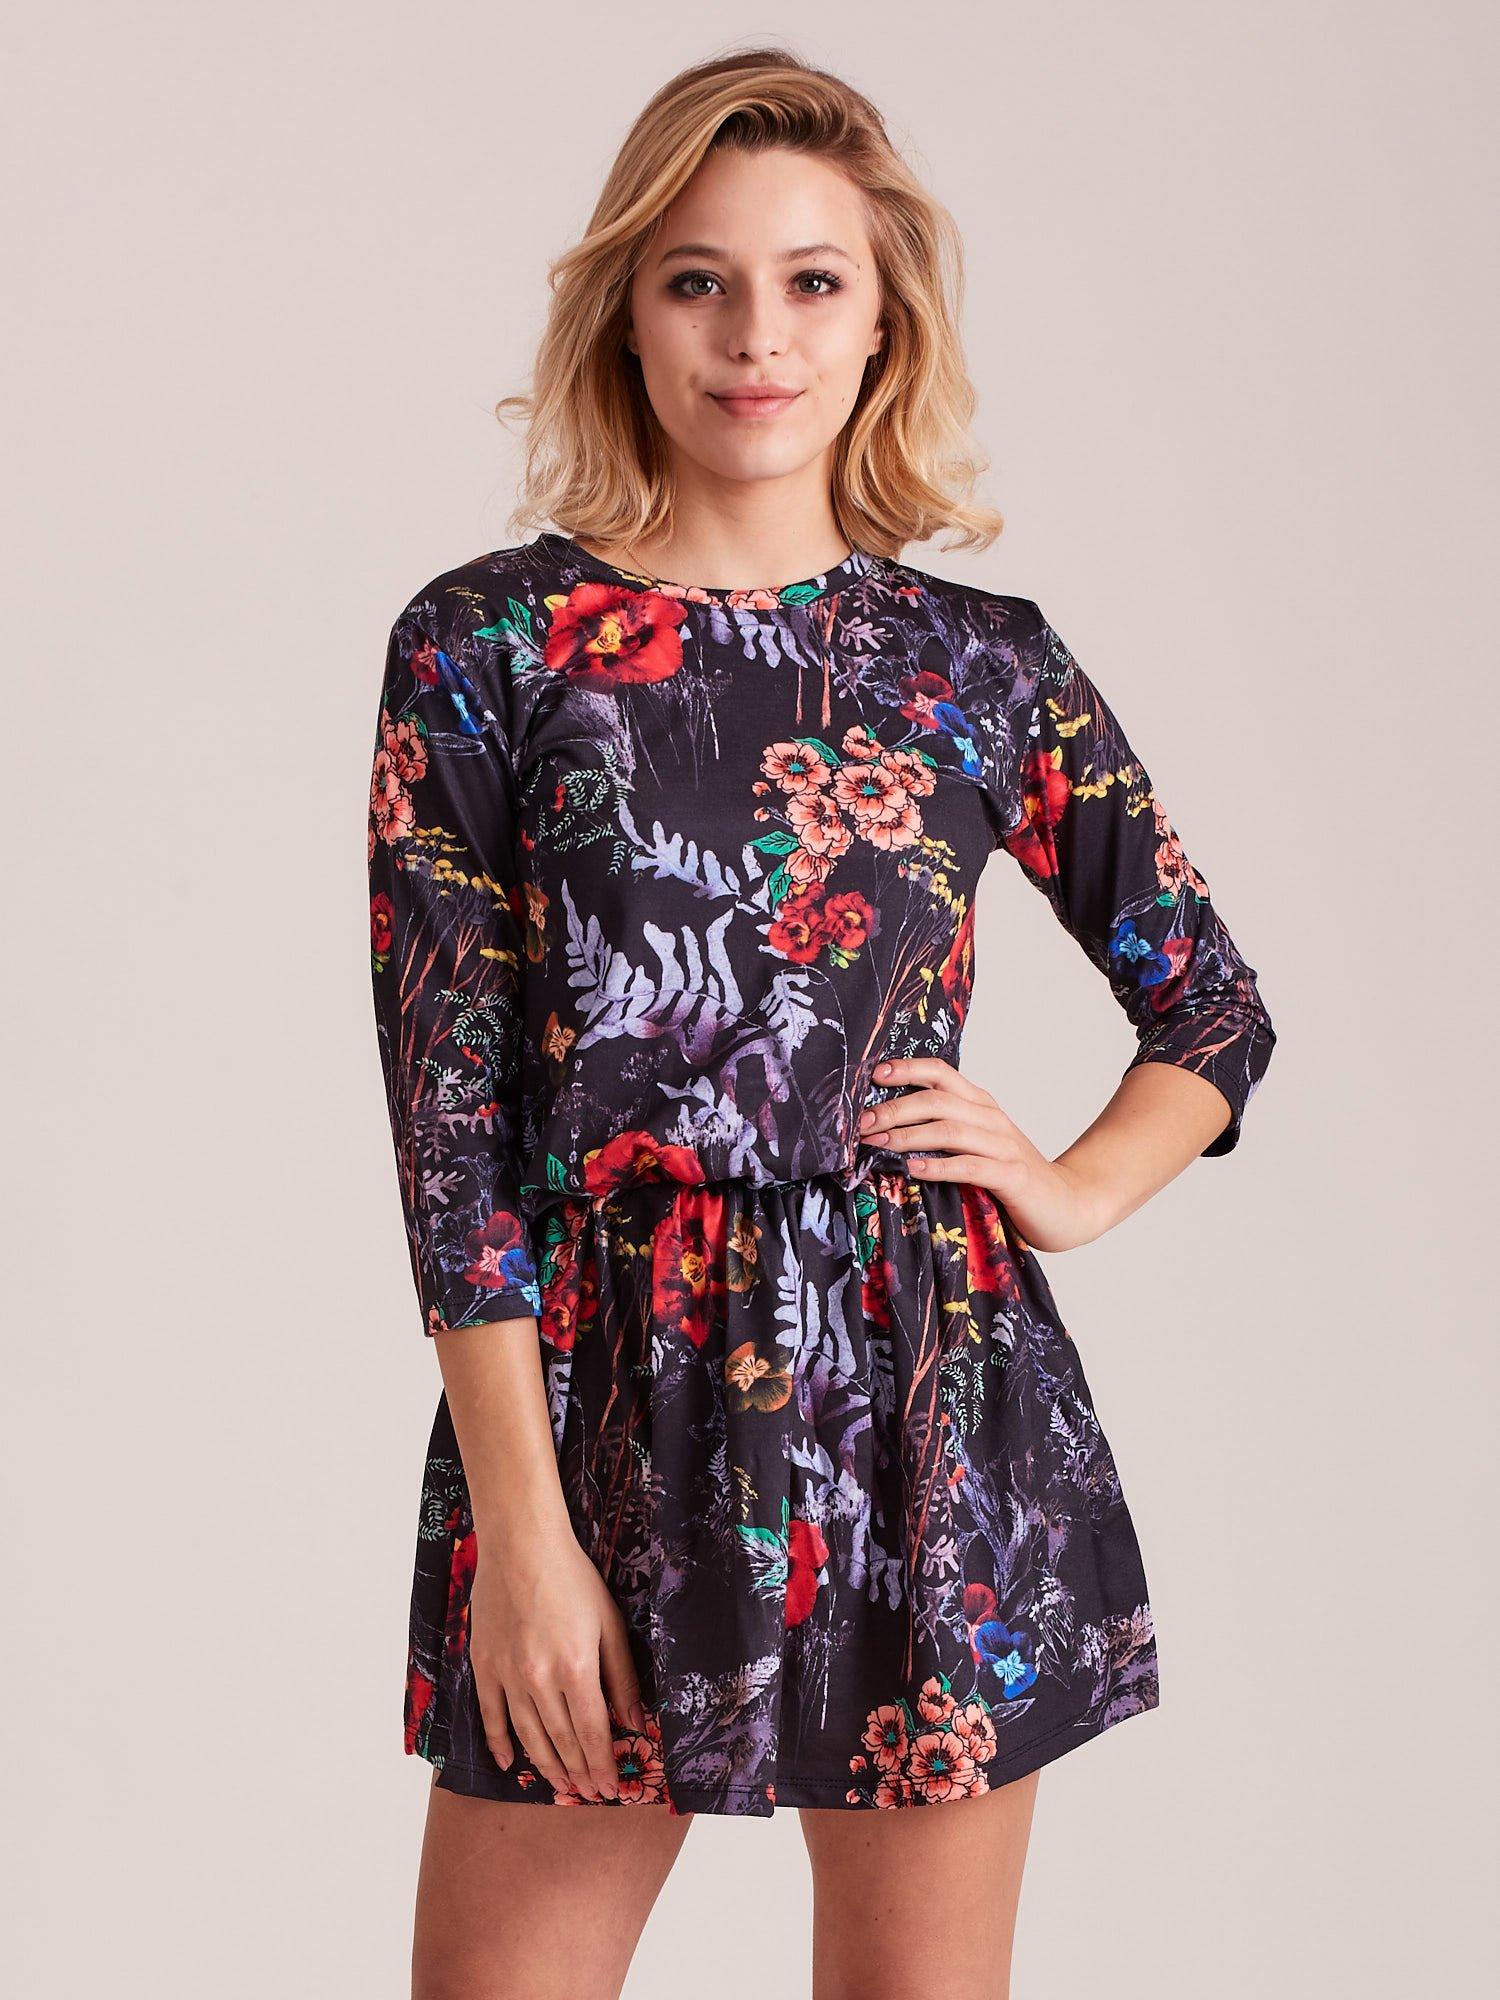 Dámske čierne šaty s kvetinovými vzorom - S